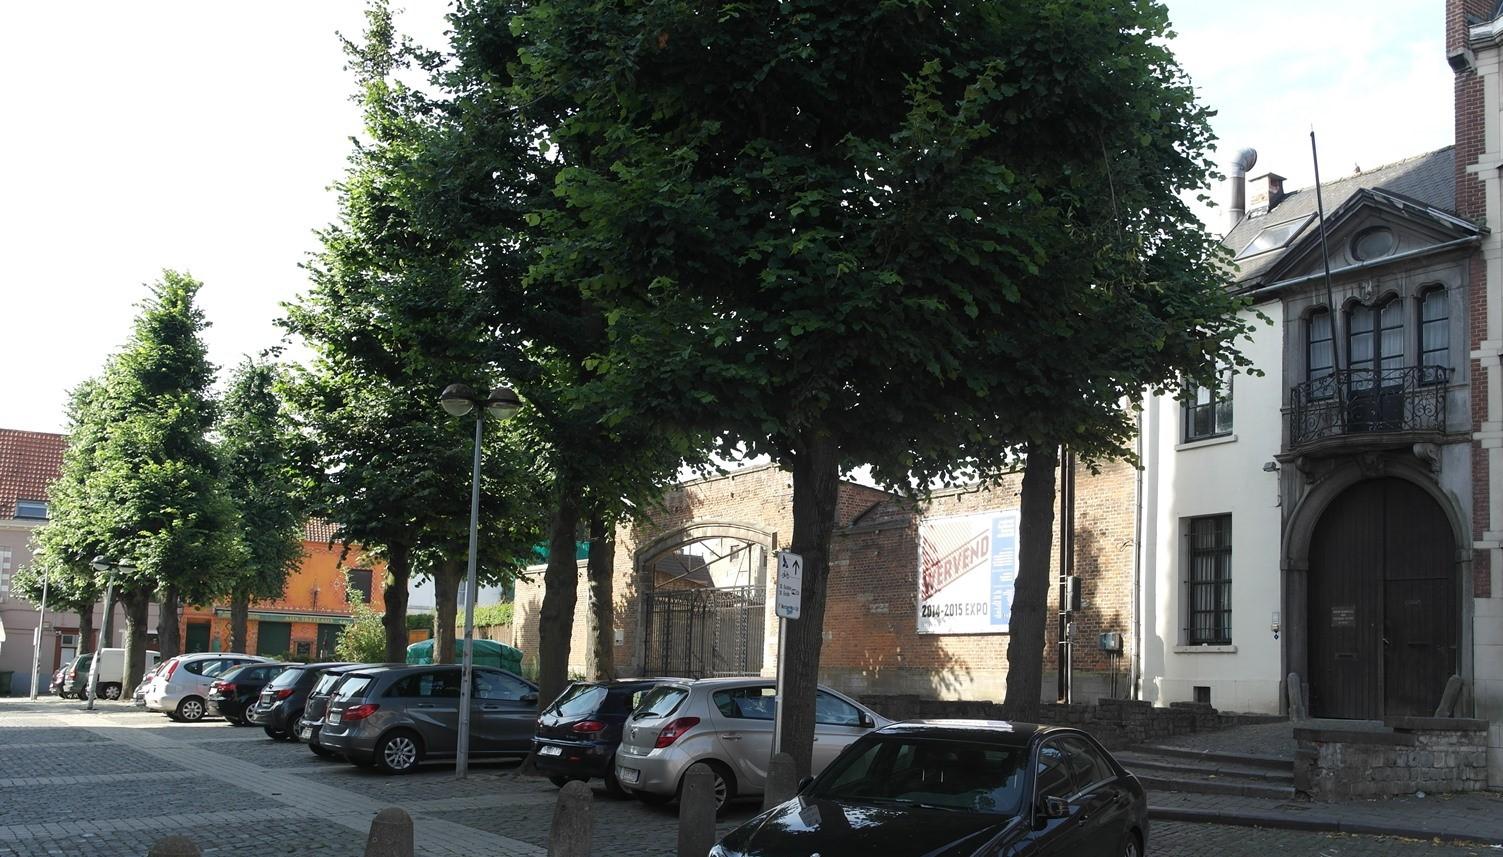 Place de la Vaillance 17-21 - rue Jean Morjeau 13-19 - Rue Gus. Vanden Berghe 24-26, 2015